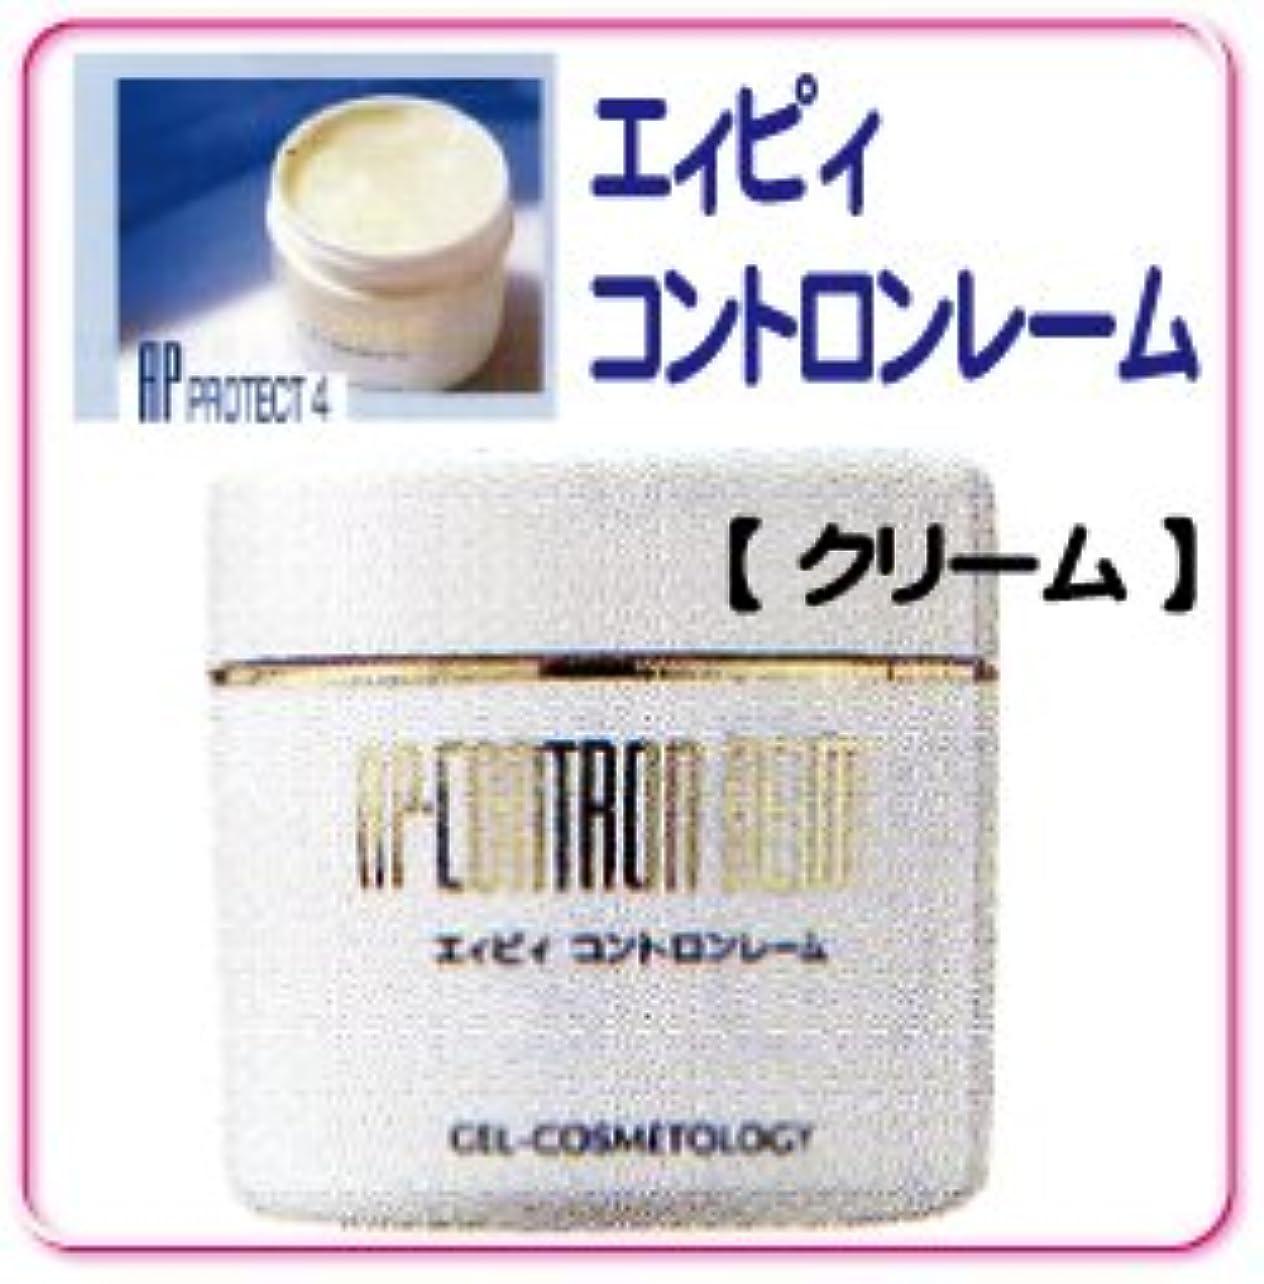 旋回逆スローガンベルマン化粧品 APprotectシリーズ  コントロンレーム  敏感肌用クリーム 110g